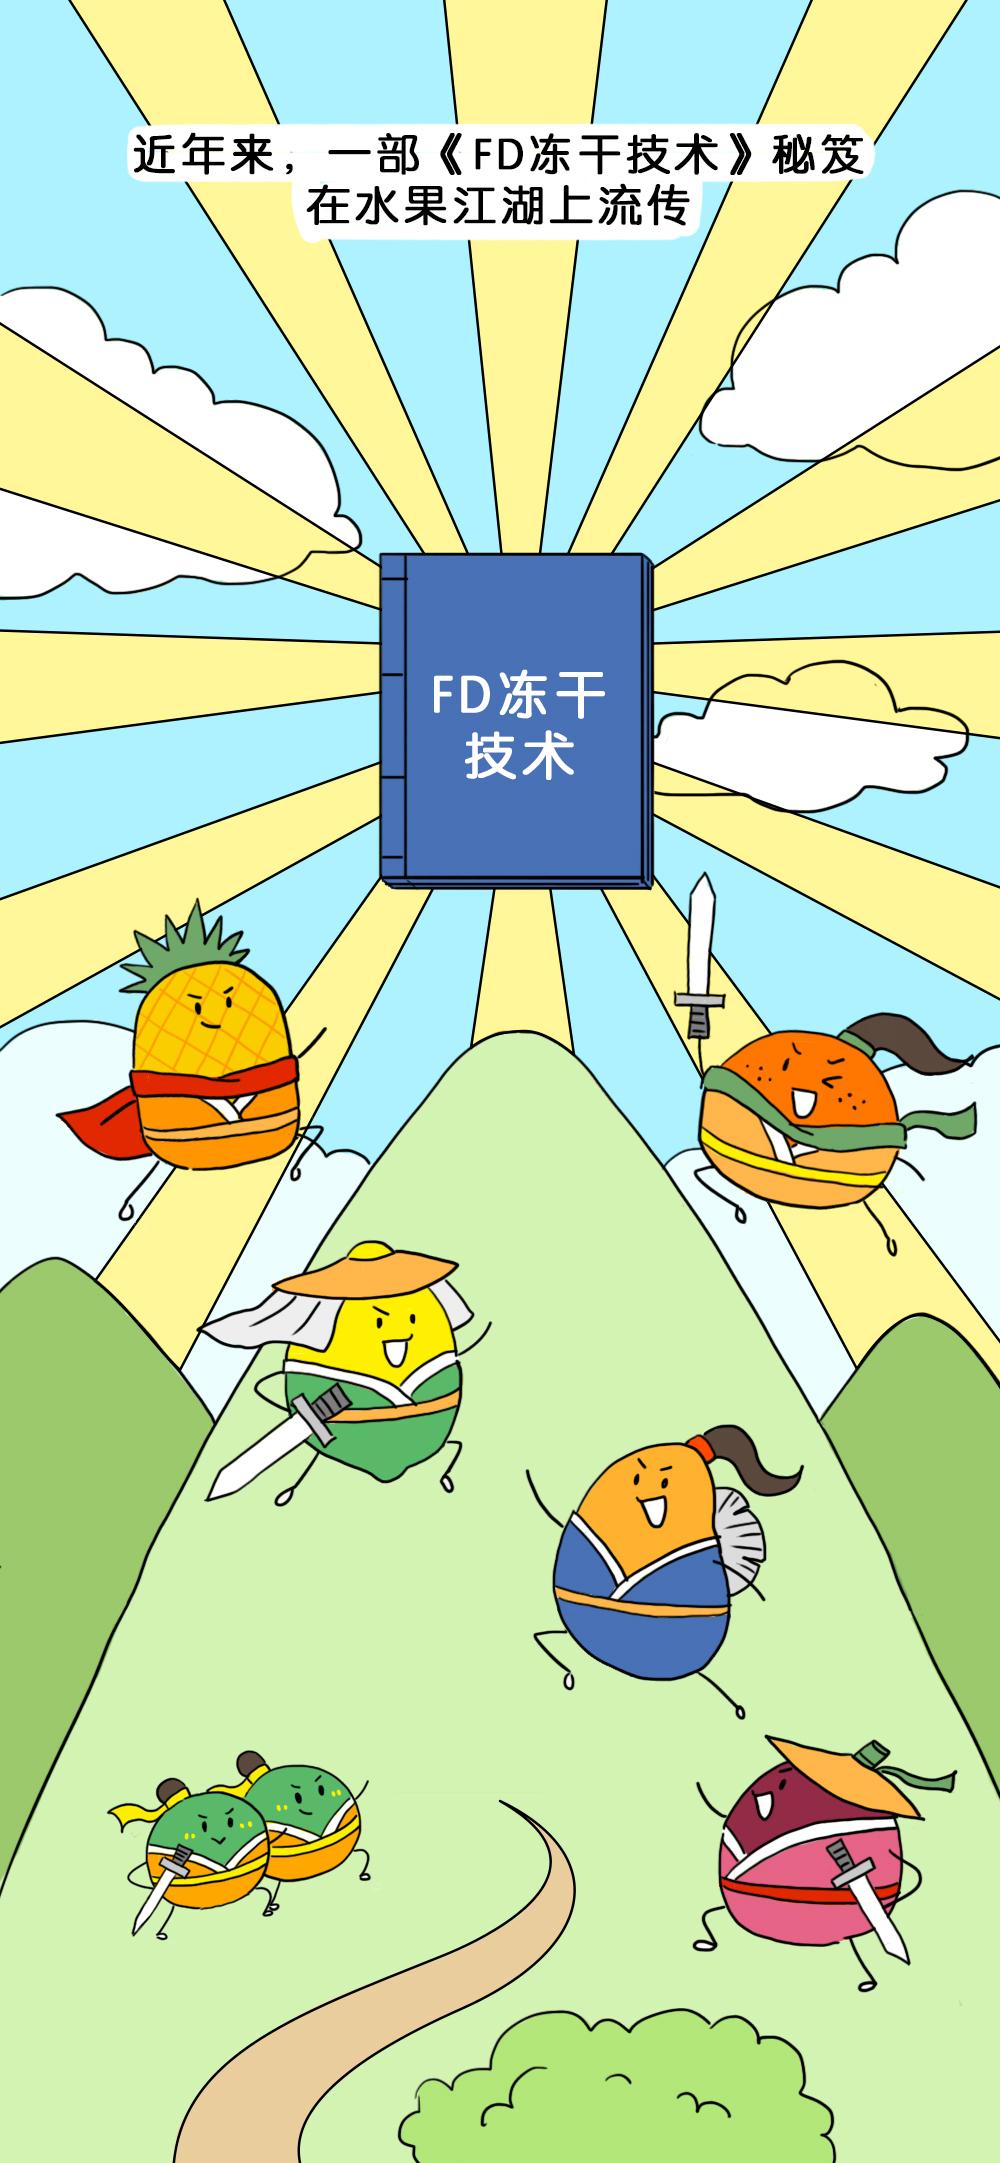 一块果萃FD冻干技术科普手绘长图切图-01